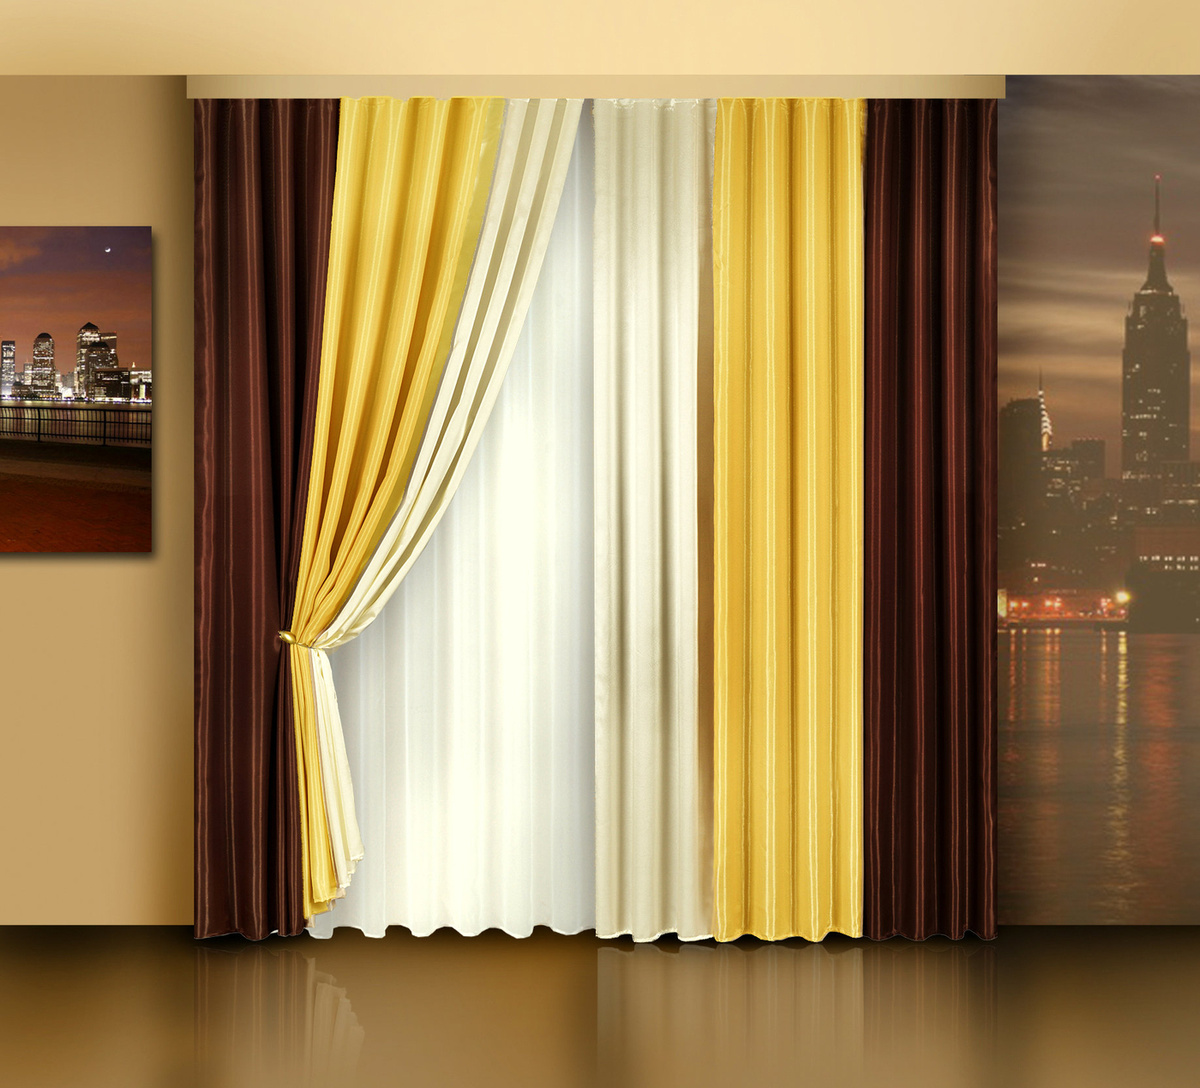 эксклюзивный дизайн двухцветных штор фото тренировках присутствую